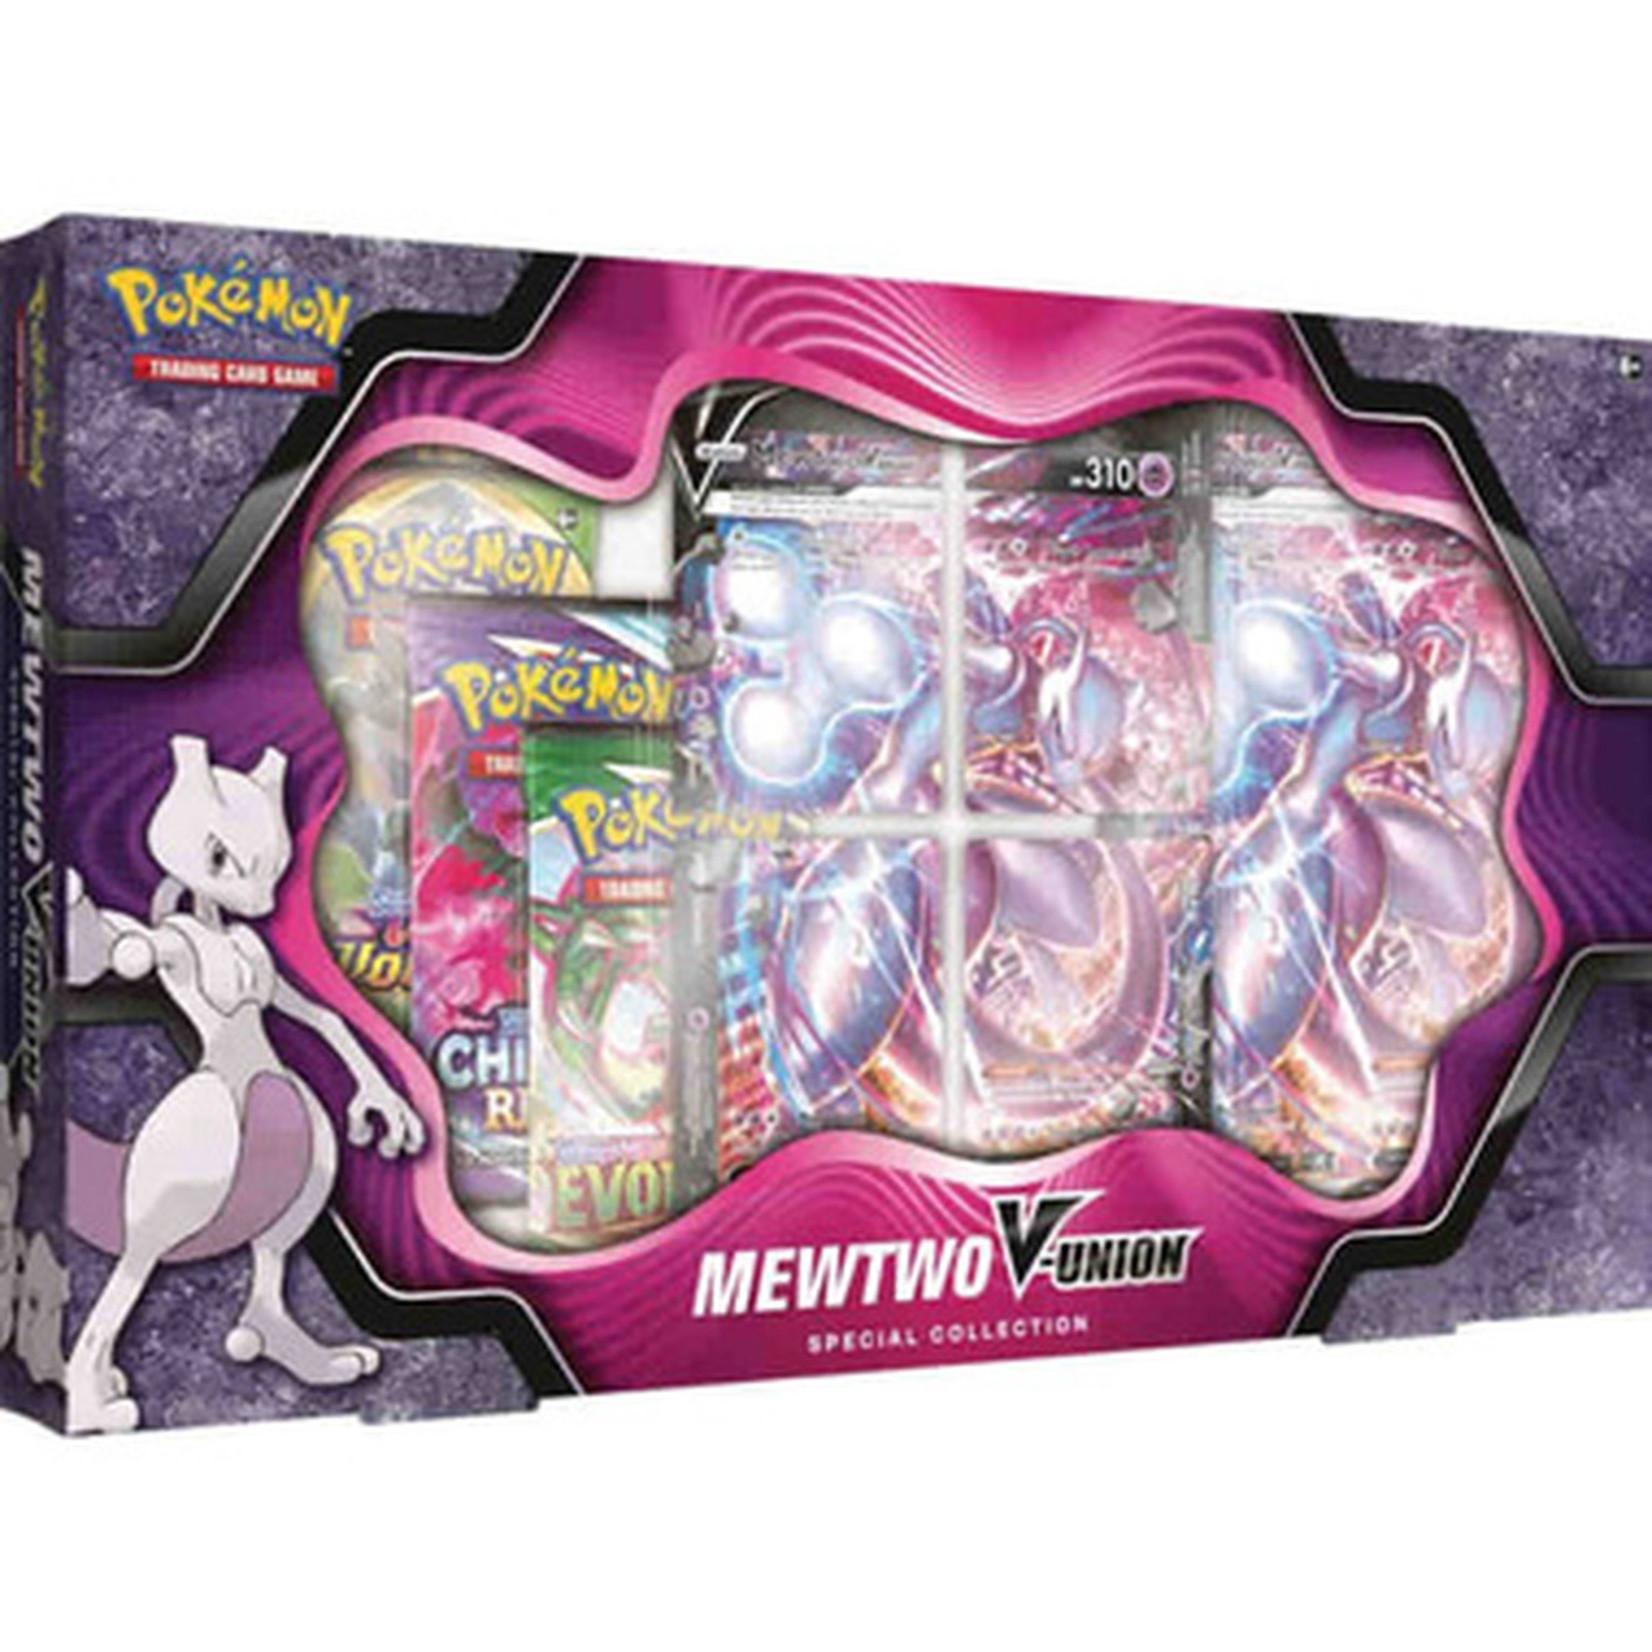 Pokémon Pokémon V-UNION Special Collection (Mewtwo)